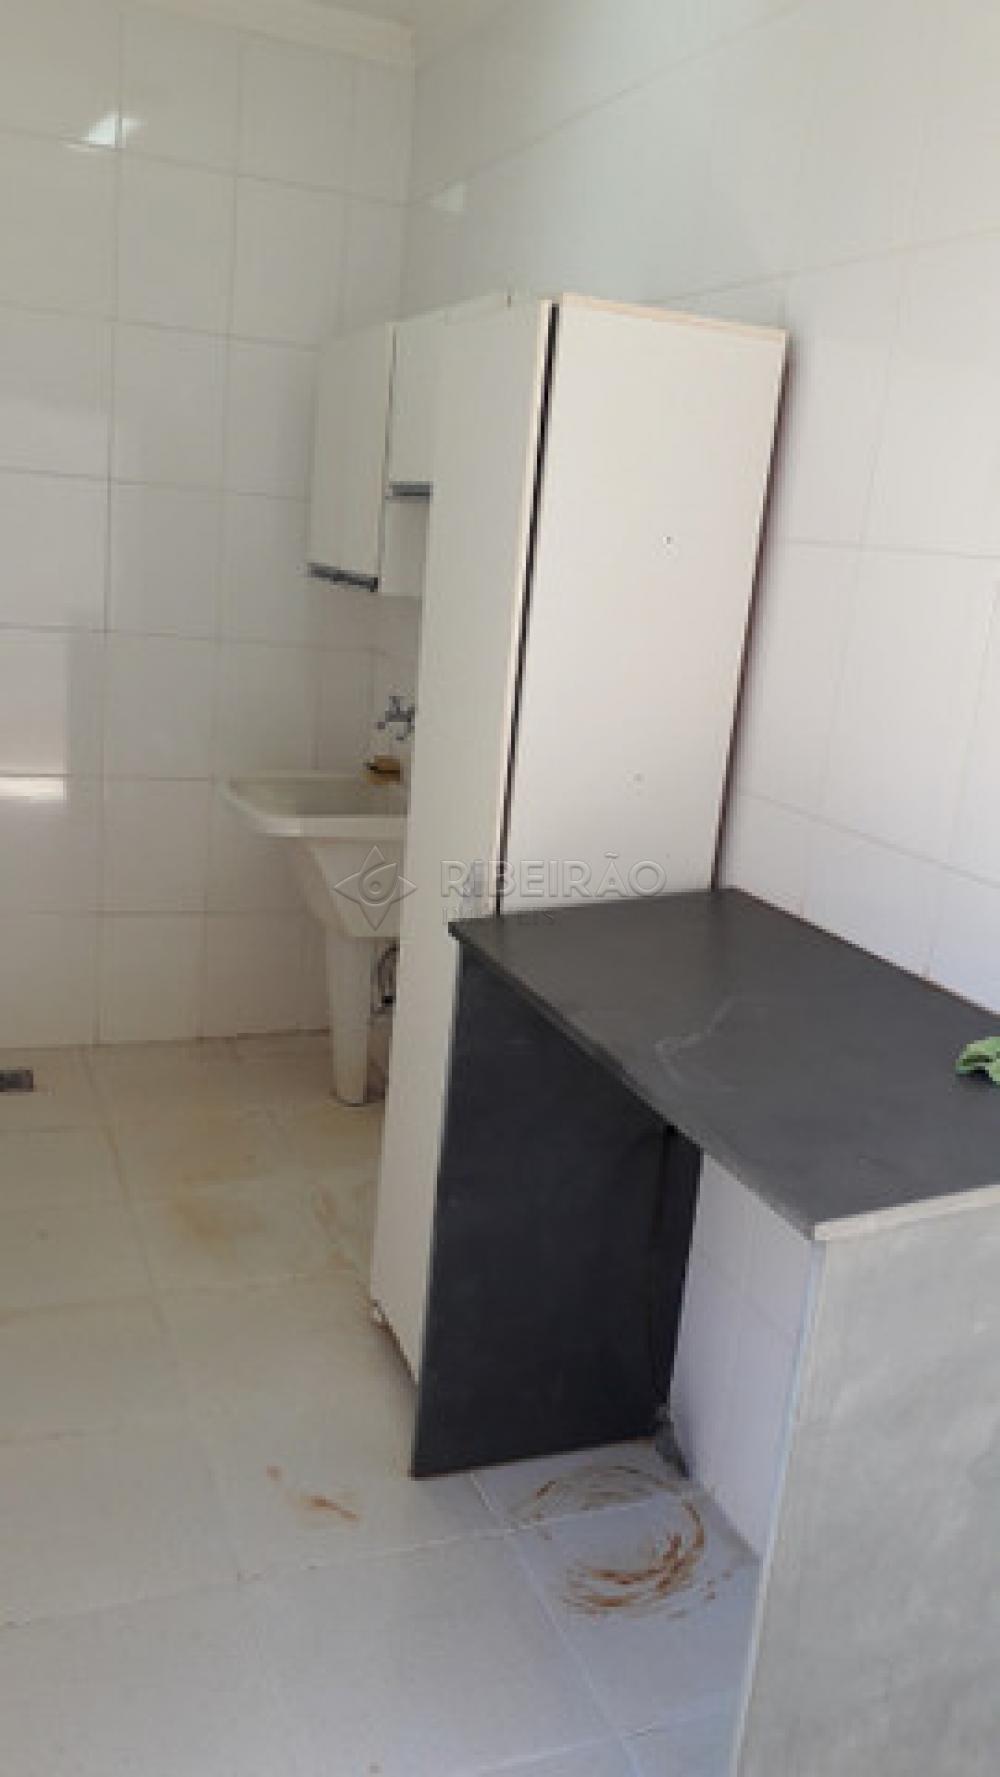 Comprar Casa / Padrão em Ribeirão Preto apenas R$ 670.000,00 - Foto 7